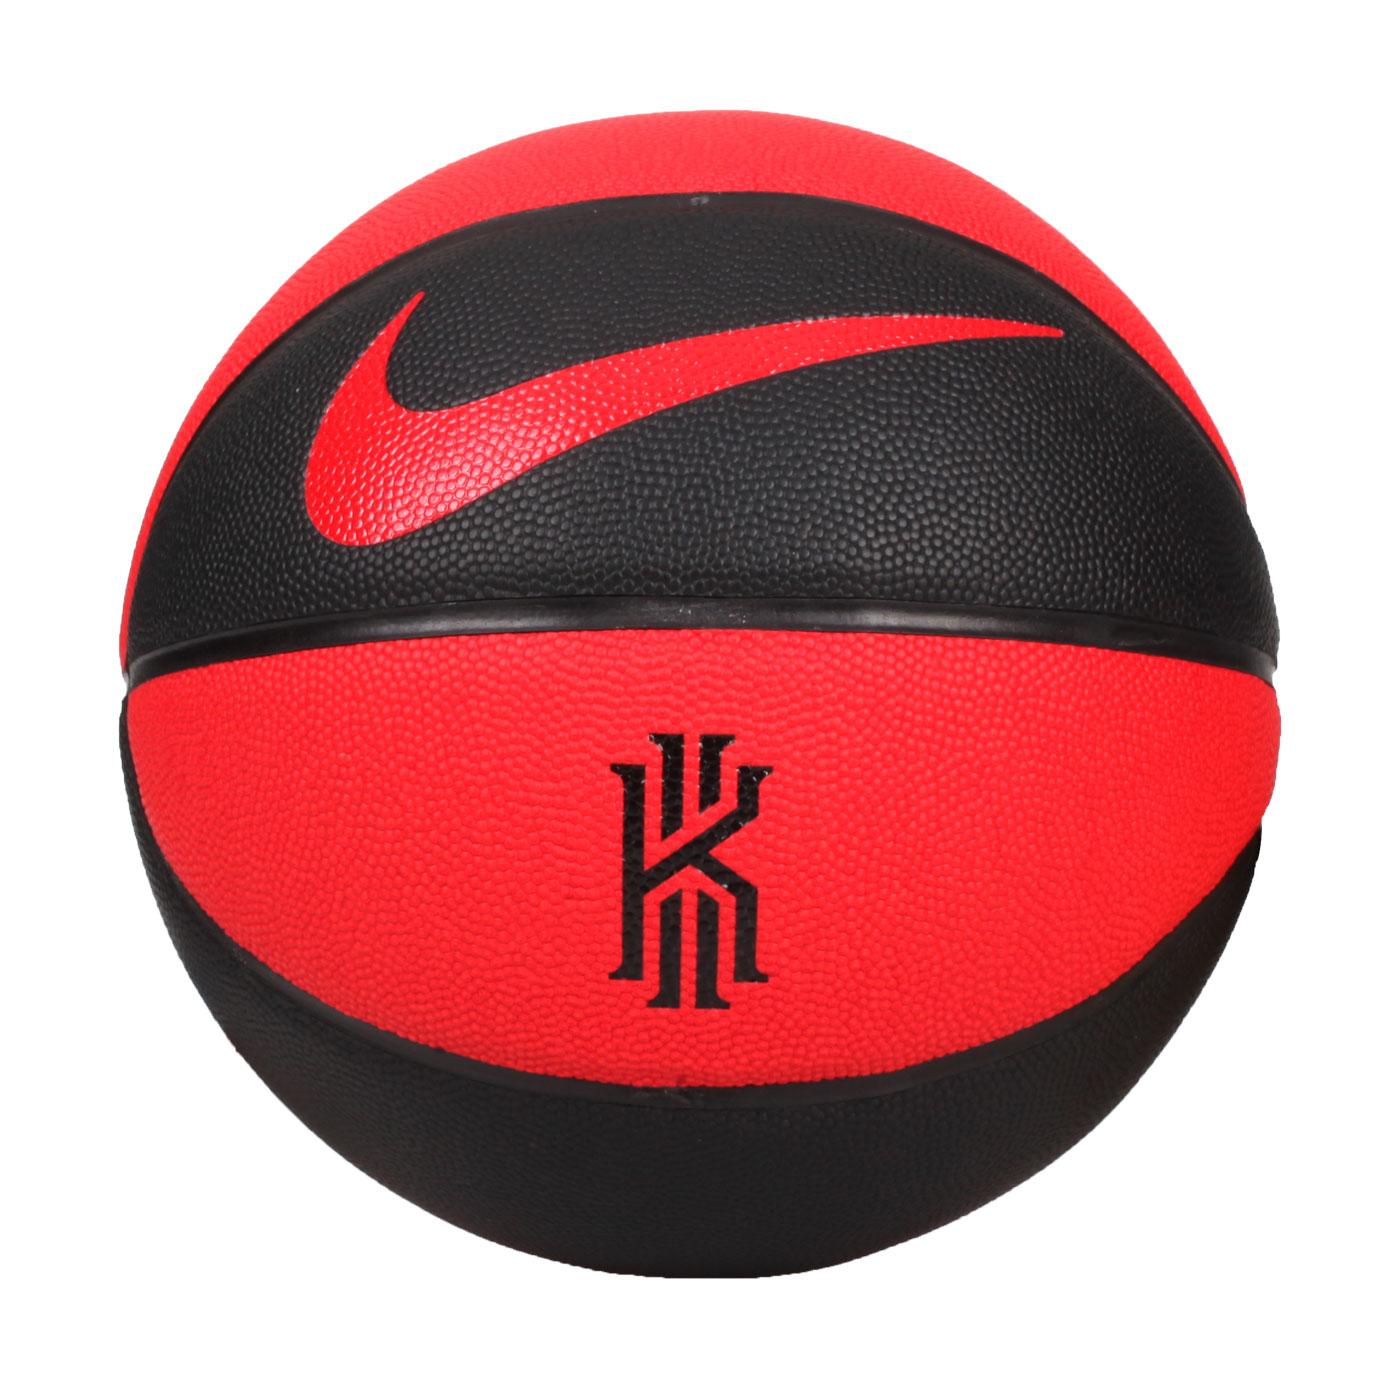 NIKE KYRIE CROSSOVER 7號球 N100303707407 - 黑紅